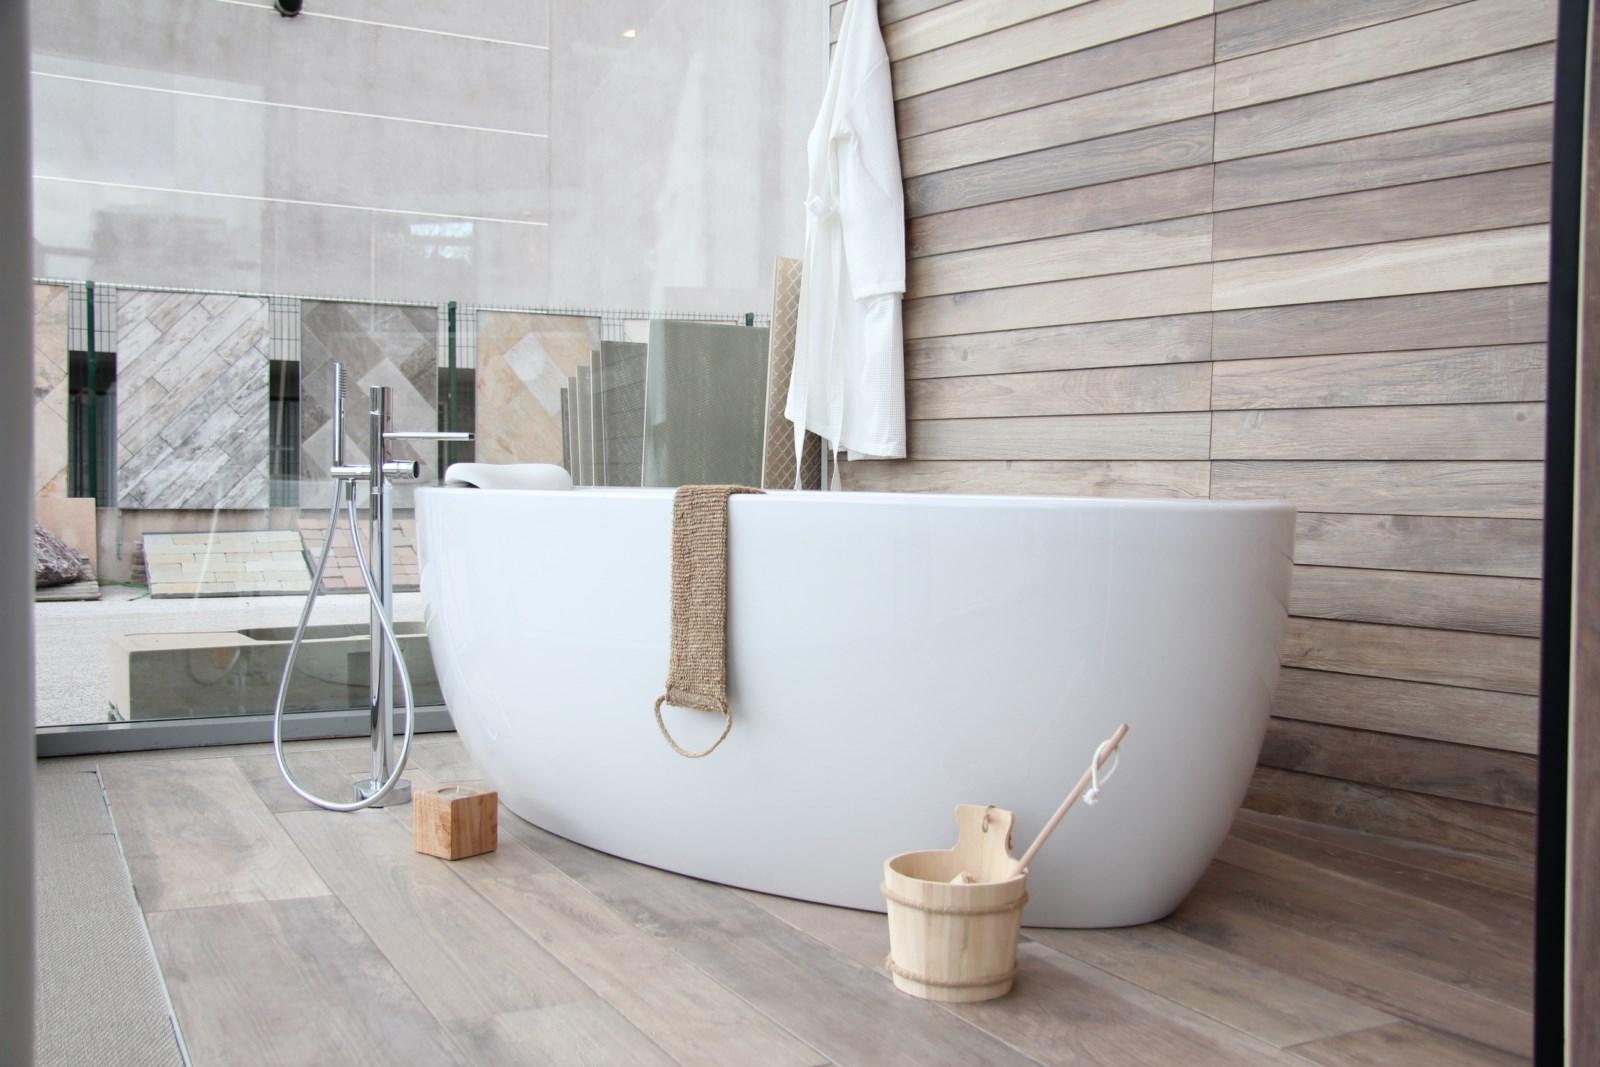 Carrelage autour baignoire - livraison-clenbuterol.fr